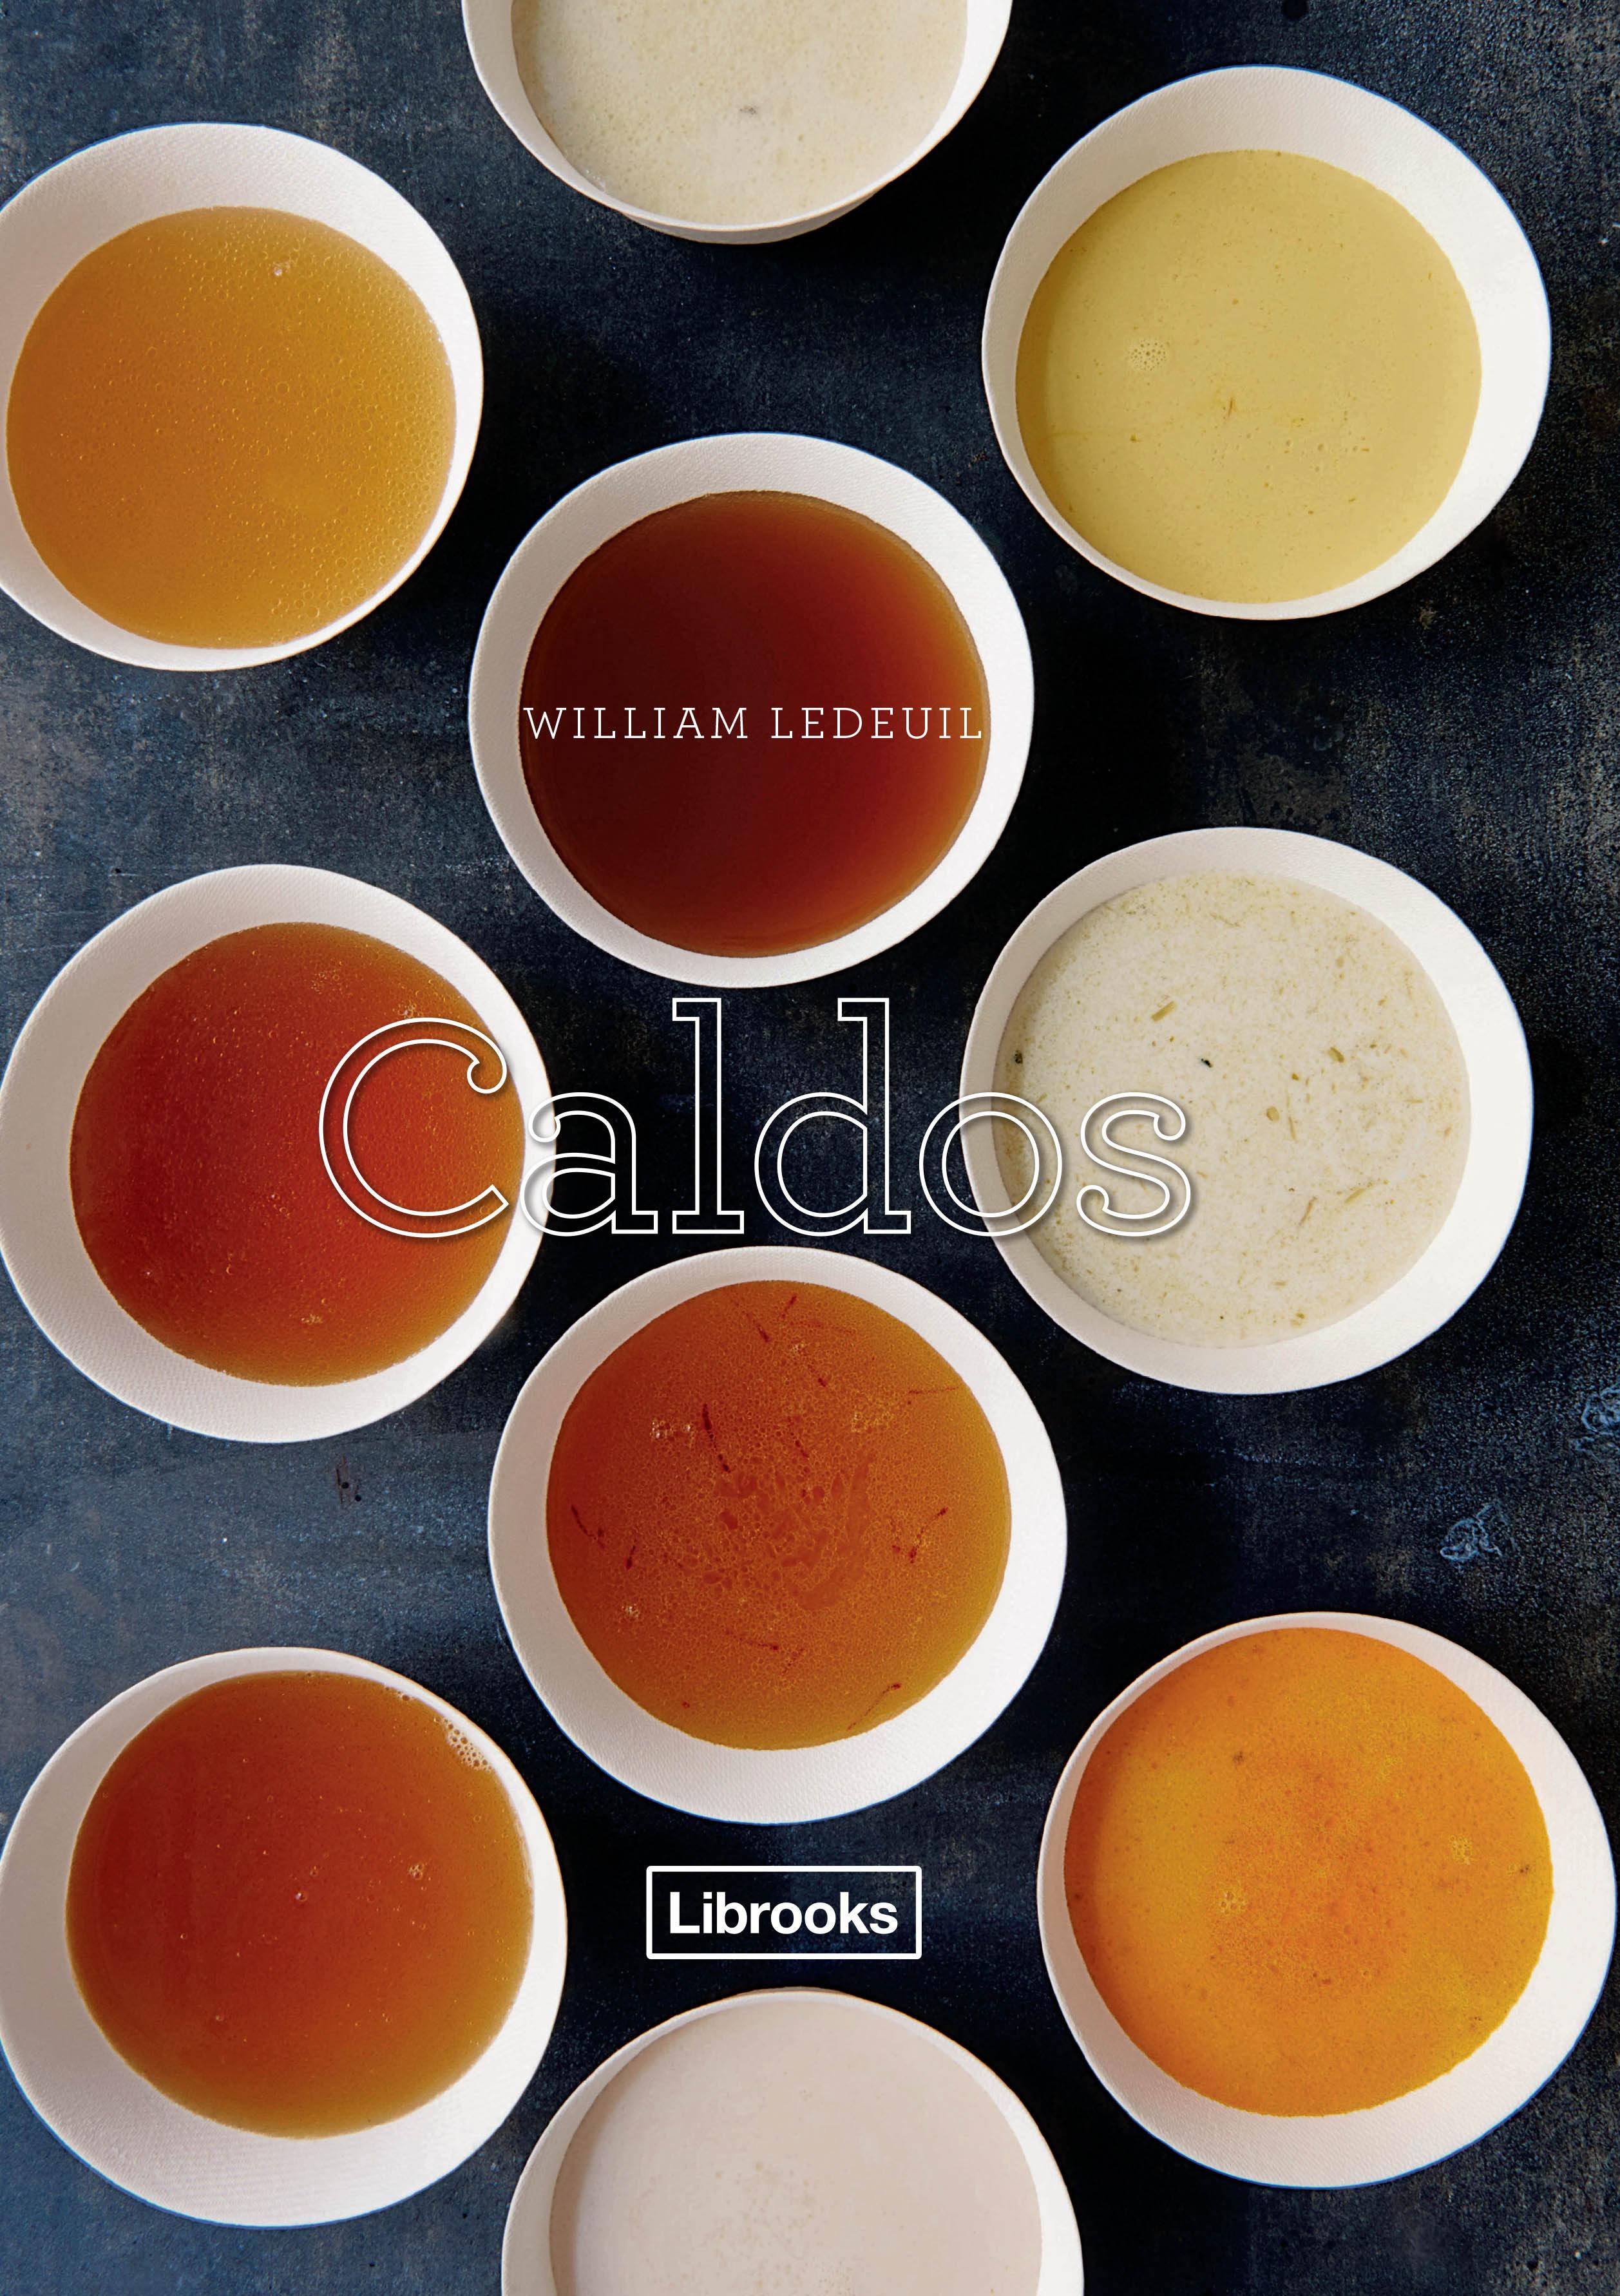 caldos-william ledeuil-9788494509537